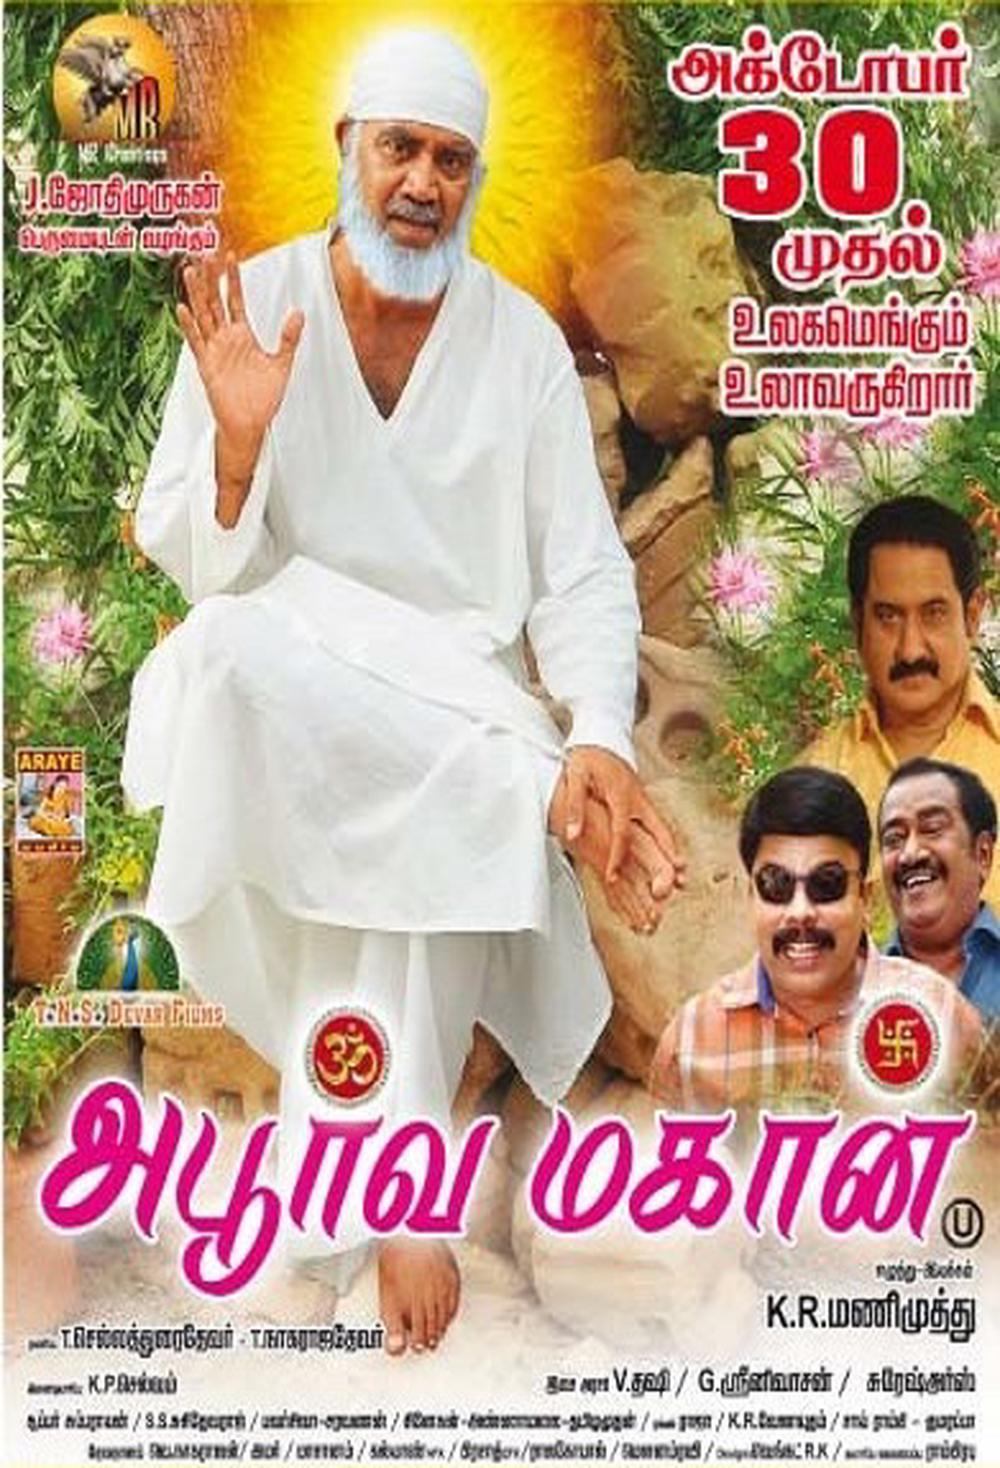 Aburvaa Mahaan Movie Review